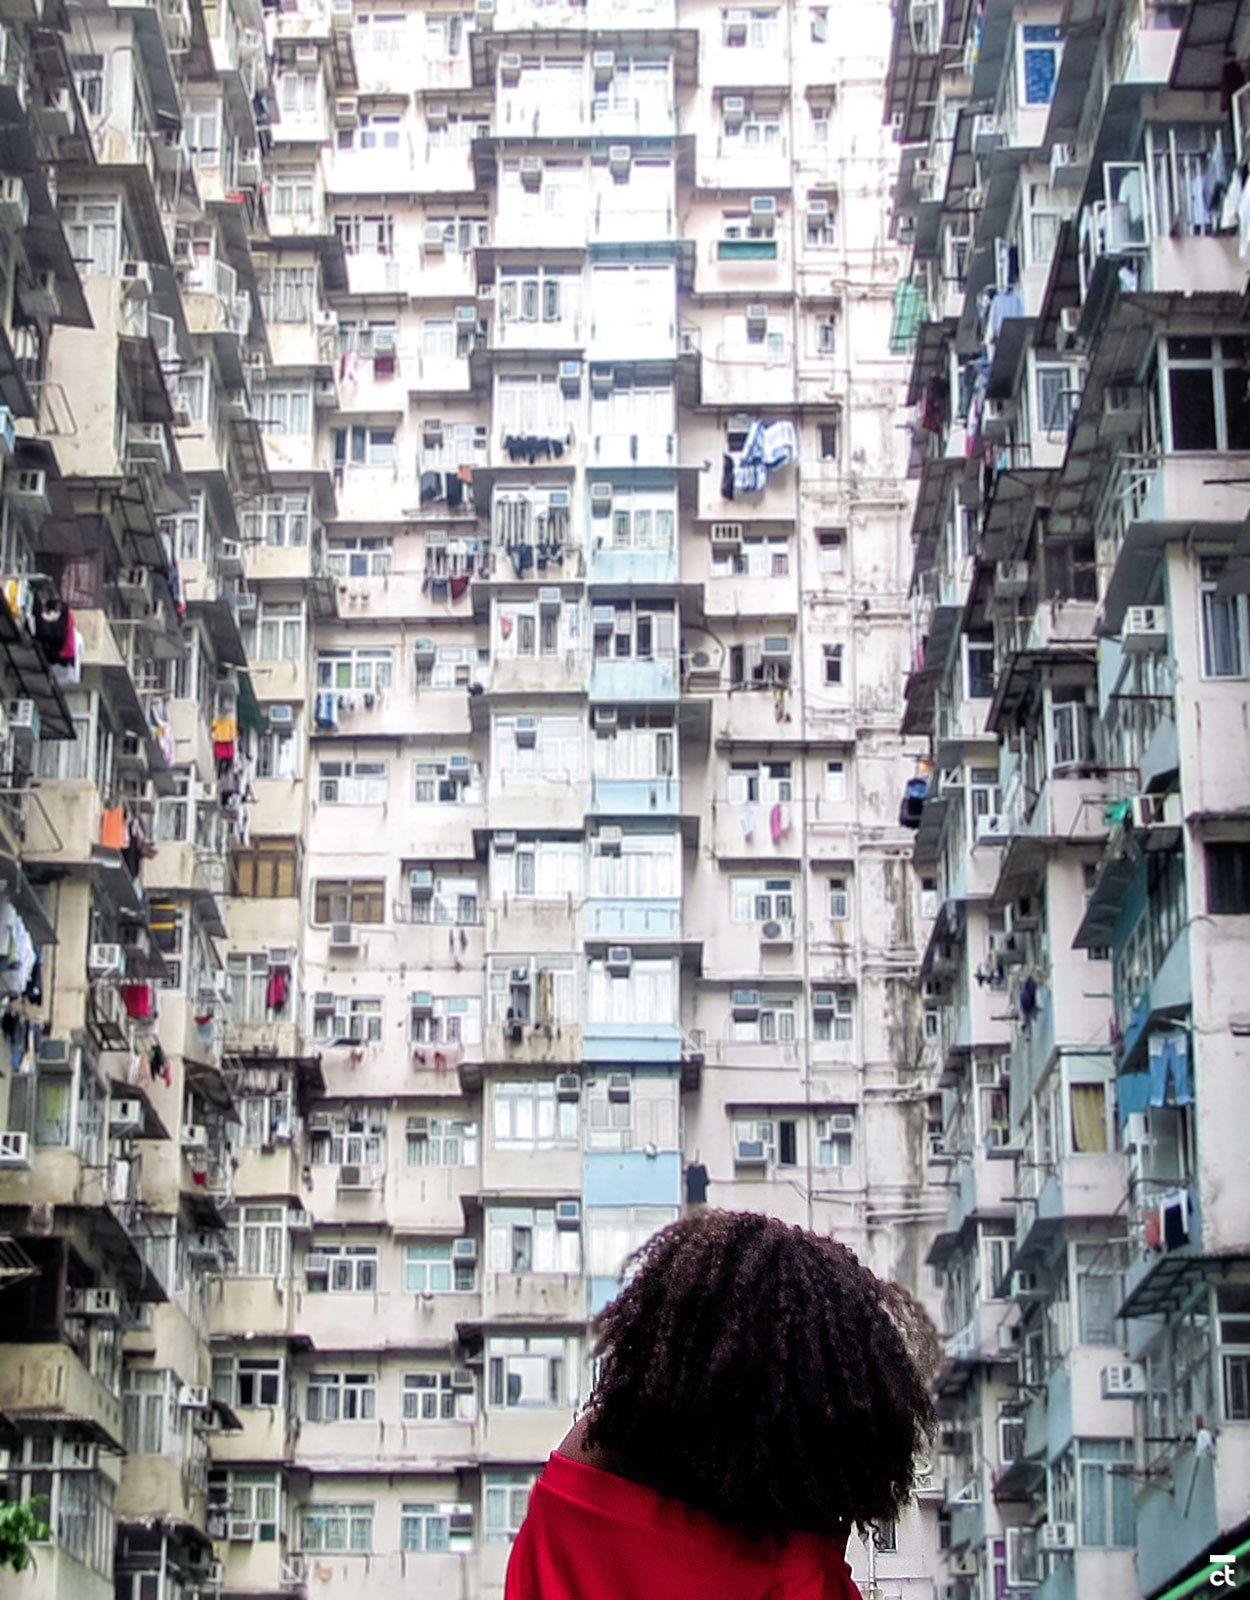 HONG KONG TRAVEL GUIDE: 35 Things To Do In Hong Kong